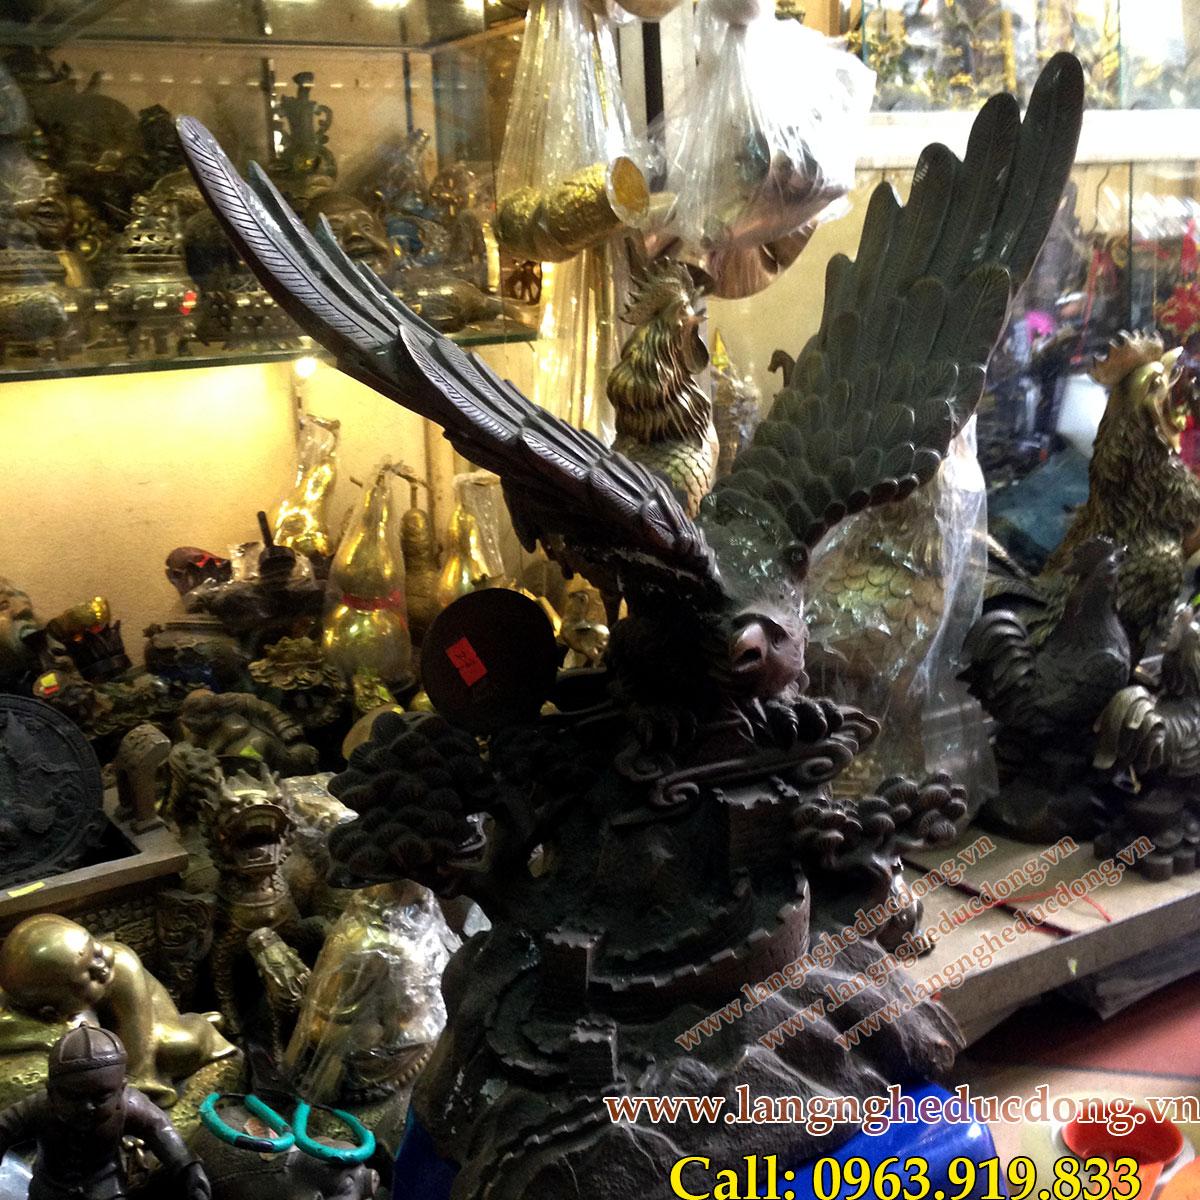 langngheducdong.vn - Tượng đồng nghệ thuật, Tượng Đại Bàng, mẫu tượng đại bàng